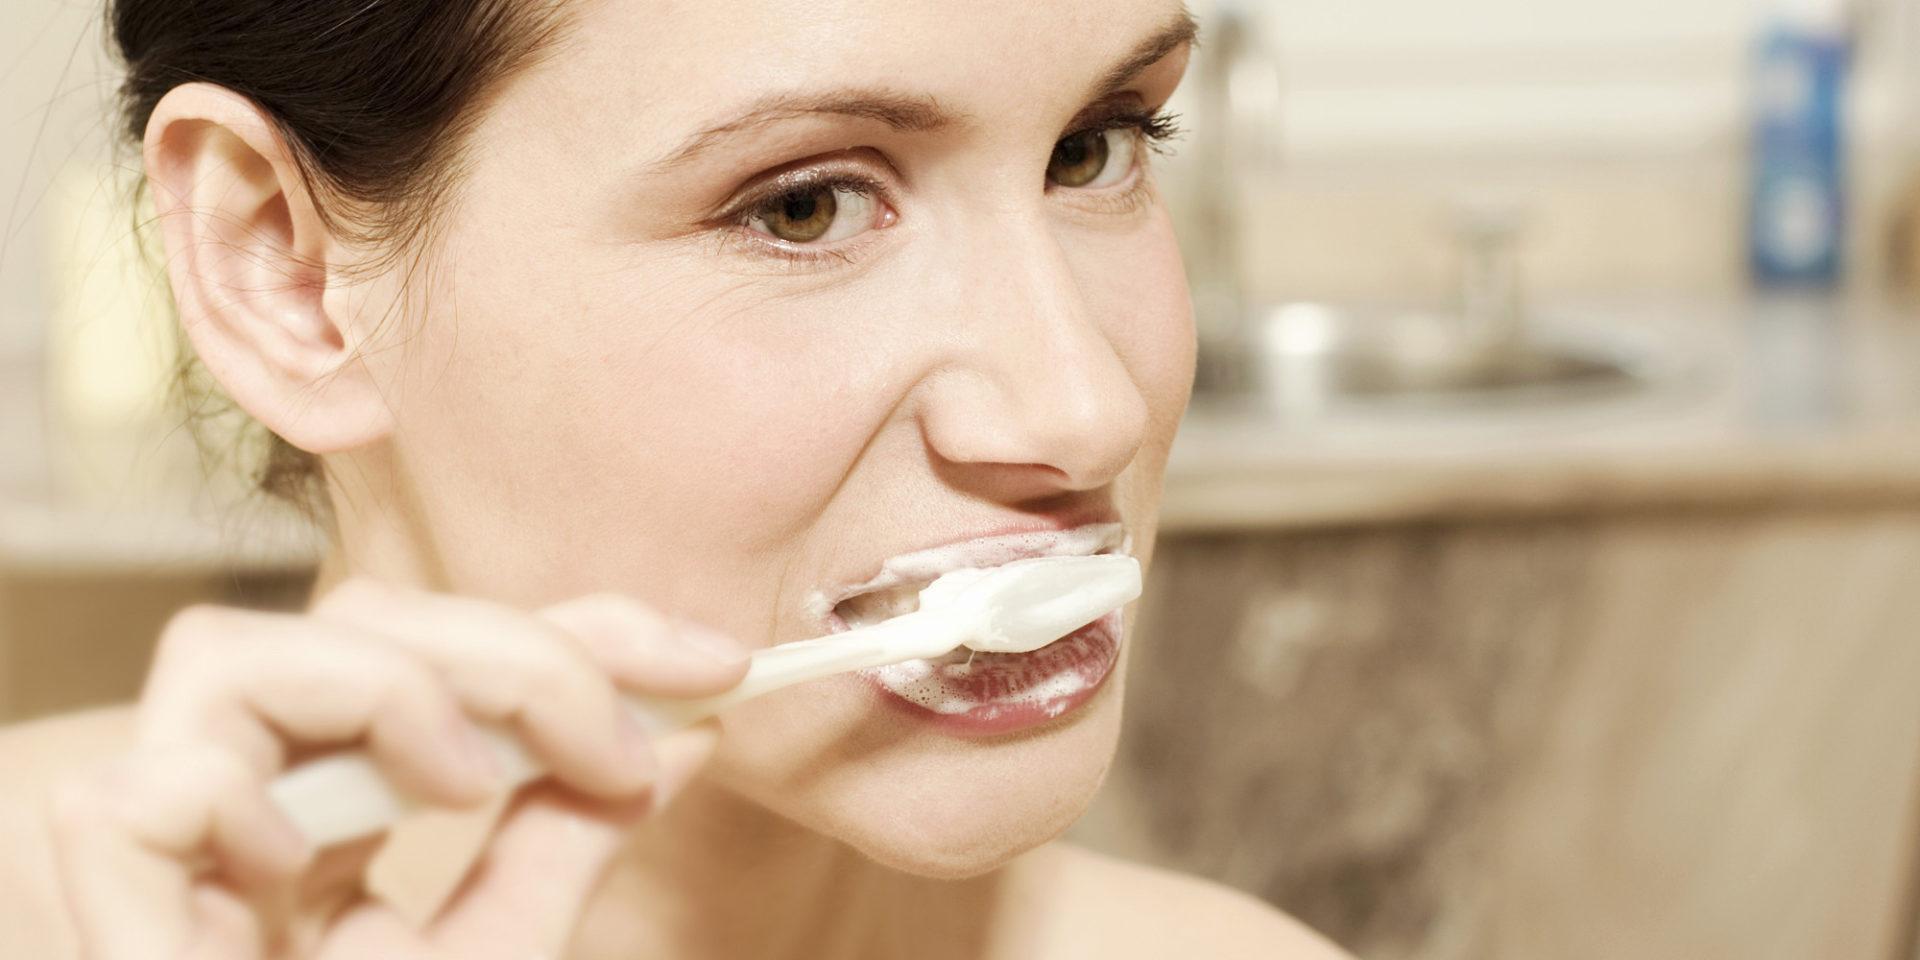 Hay una relación directa entre lavarse los dientes y no padecer enfermedades del corazón